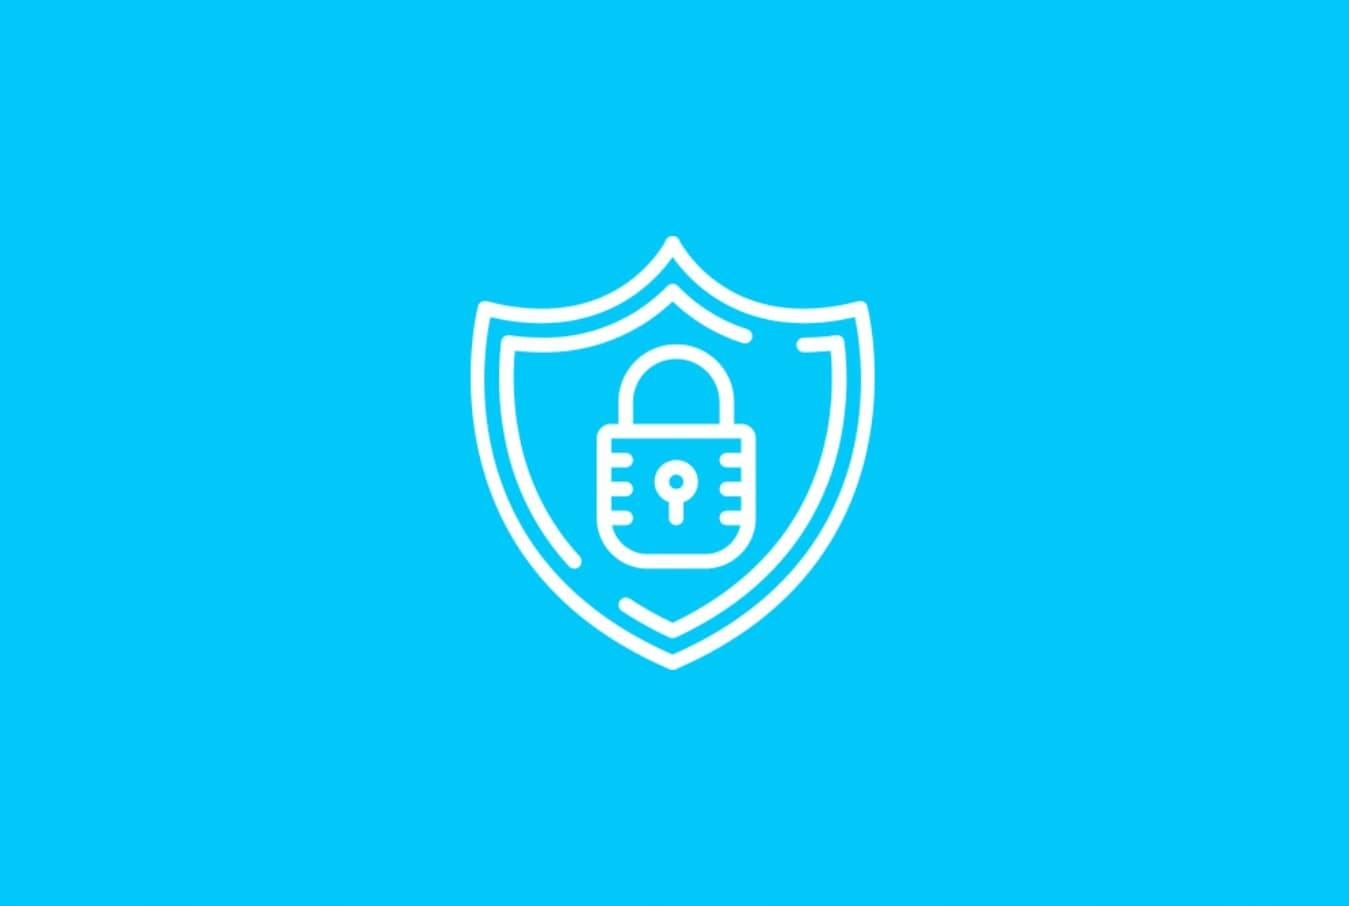 👨⚕️️ Что делает сайт безопасным и успешным: Руководство